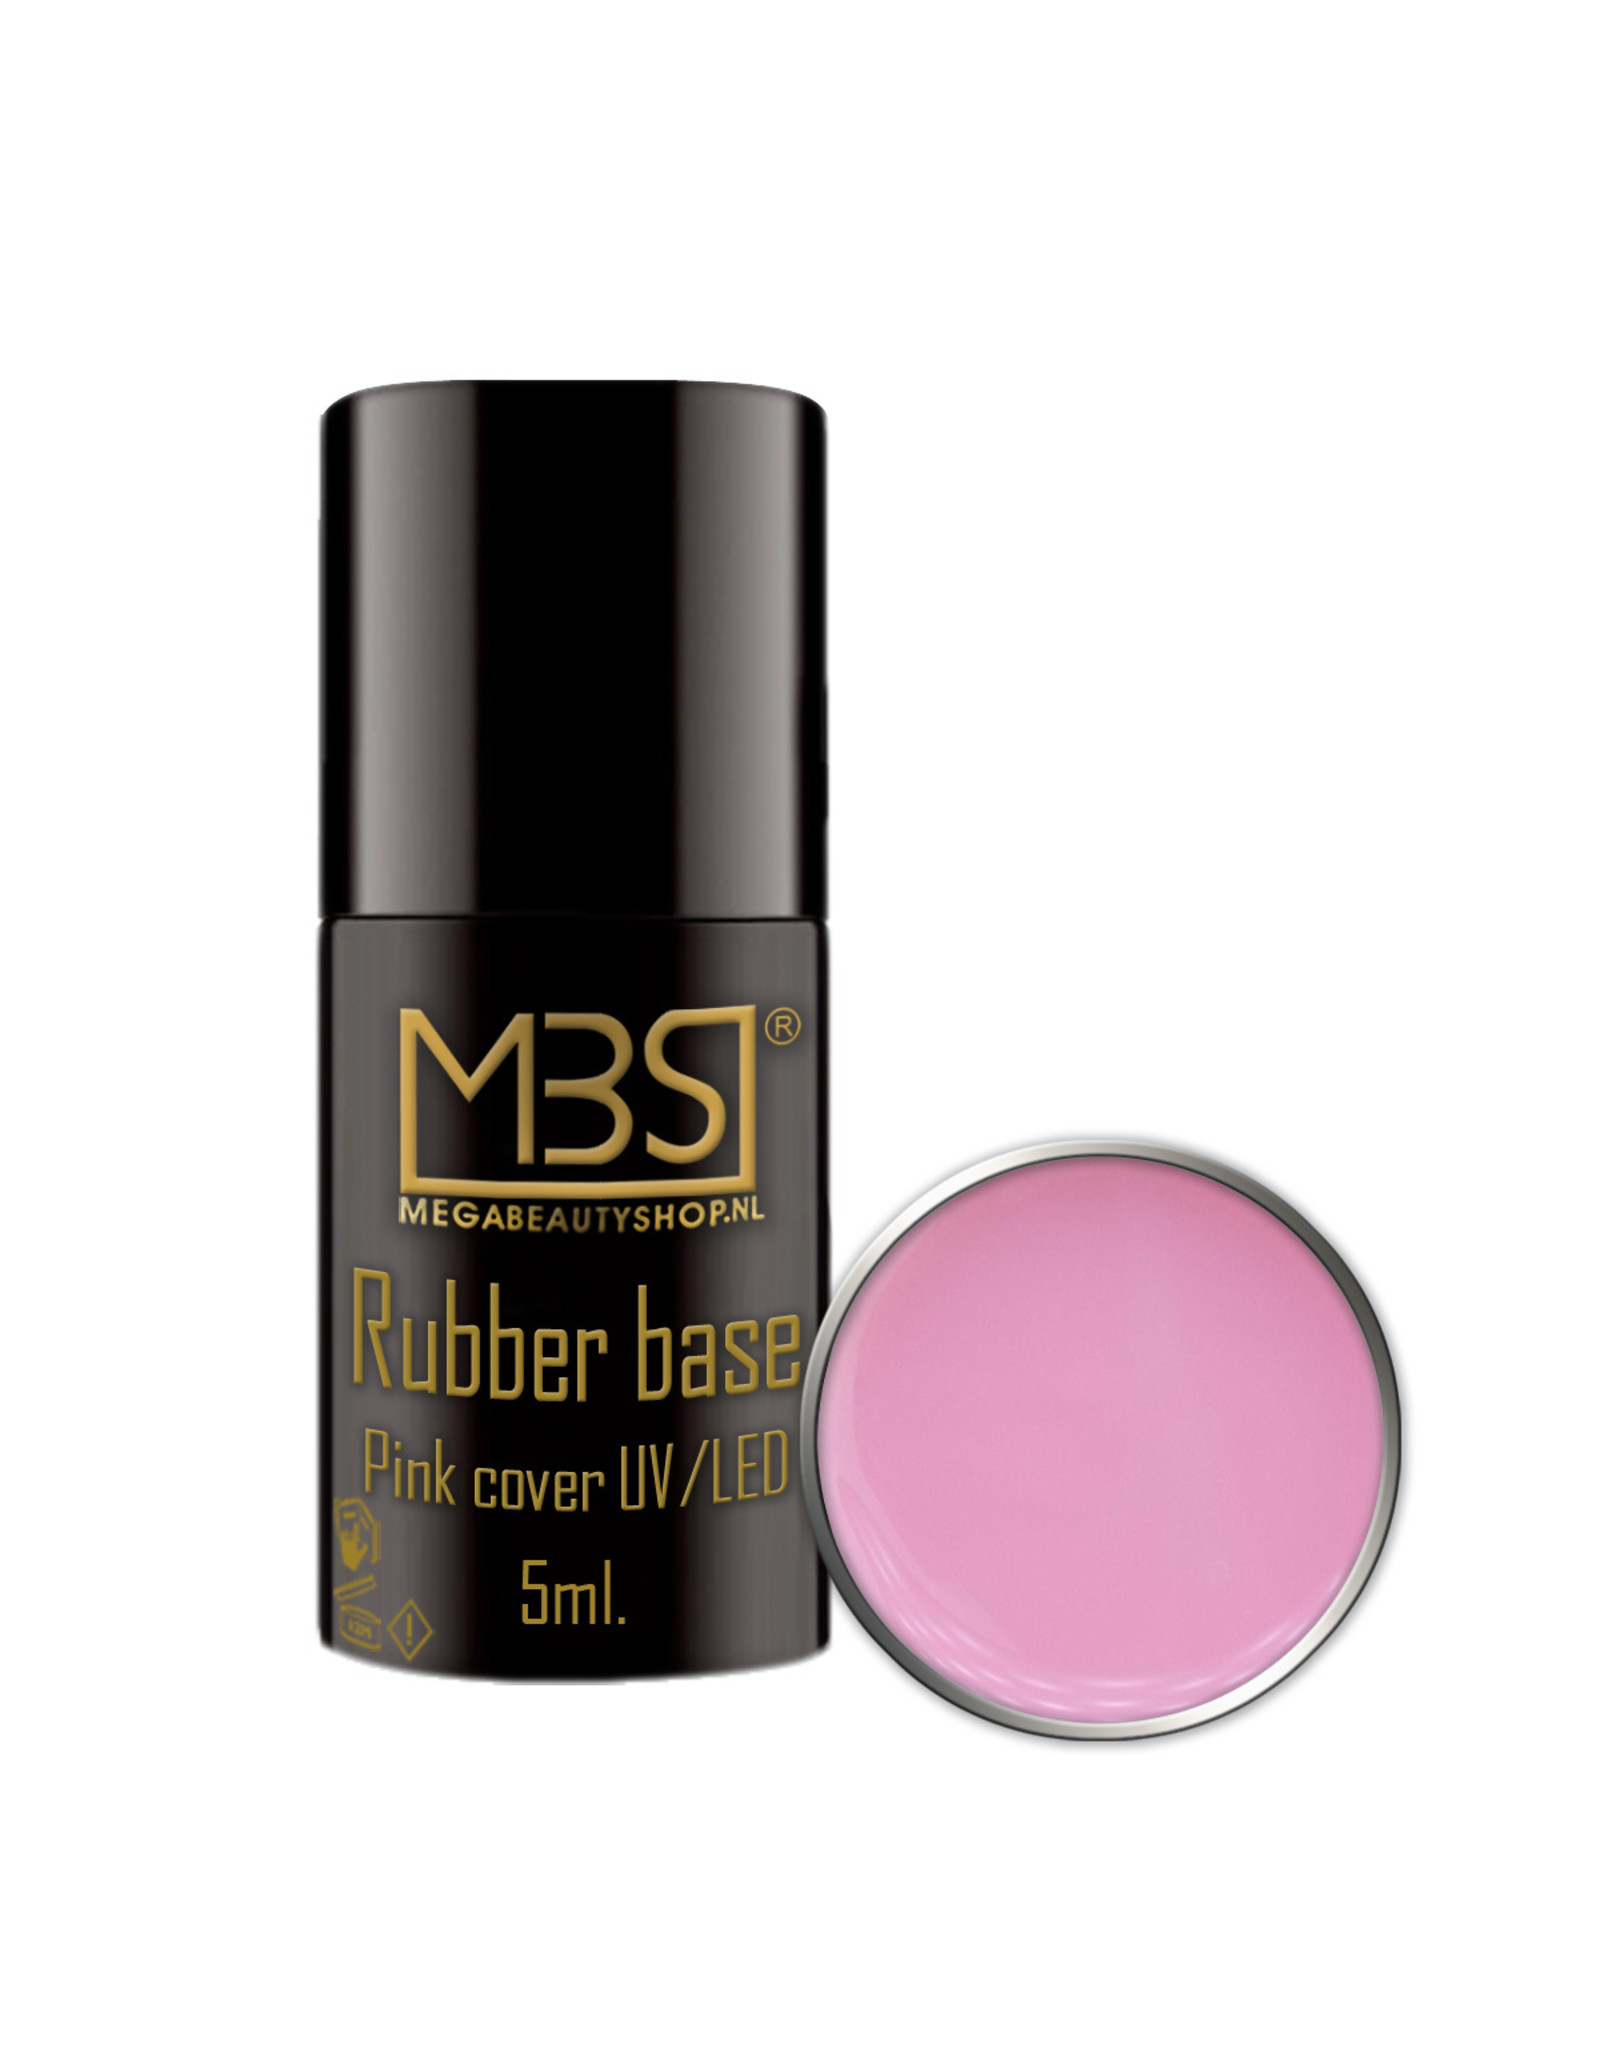 Mega Beauty Shop® Rubber Base Cover pink 5ml.